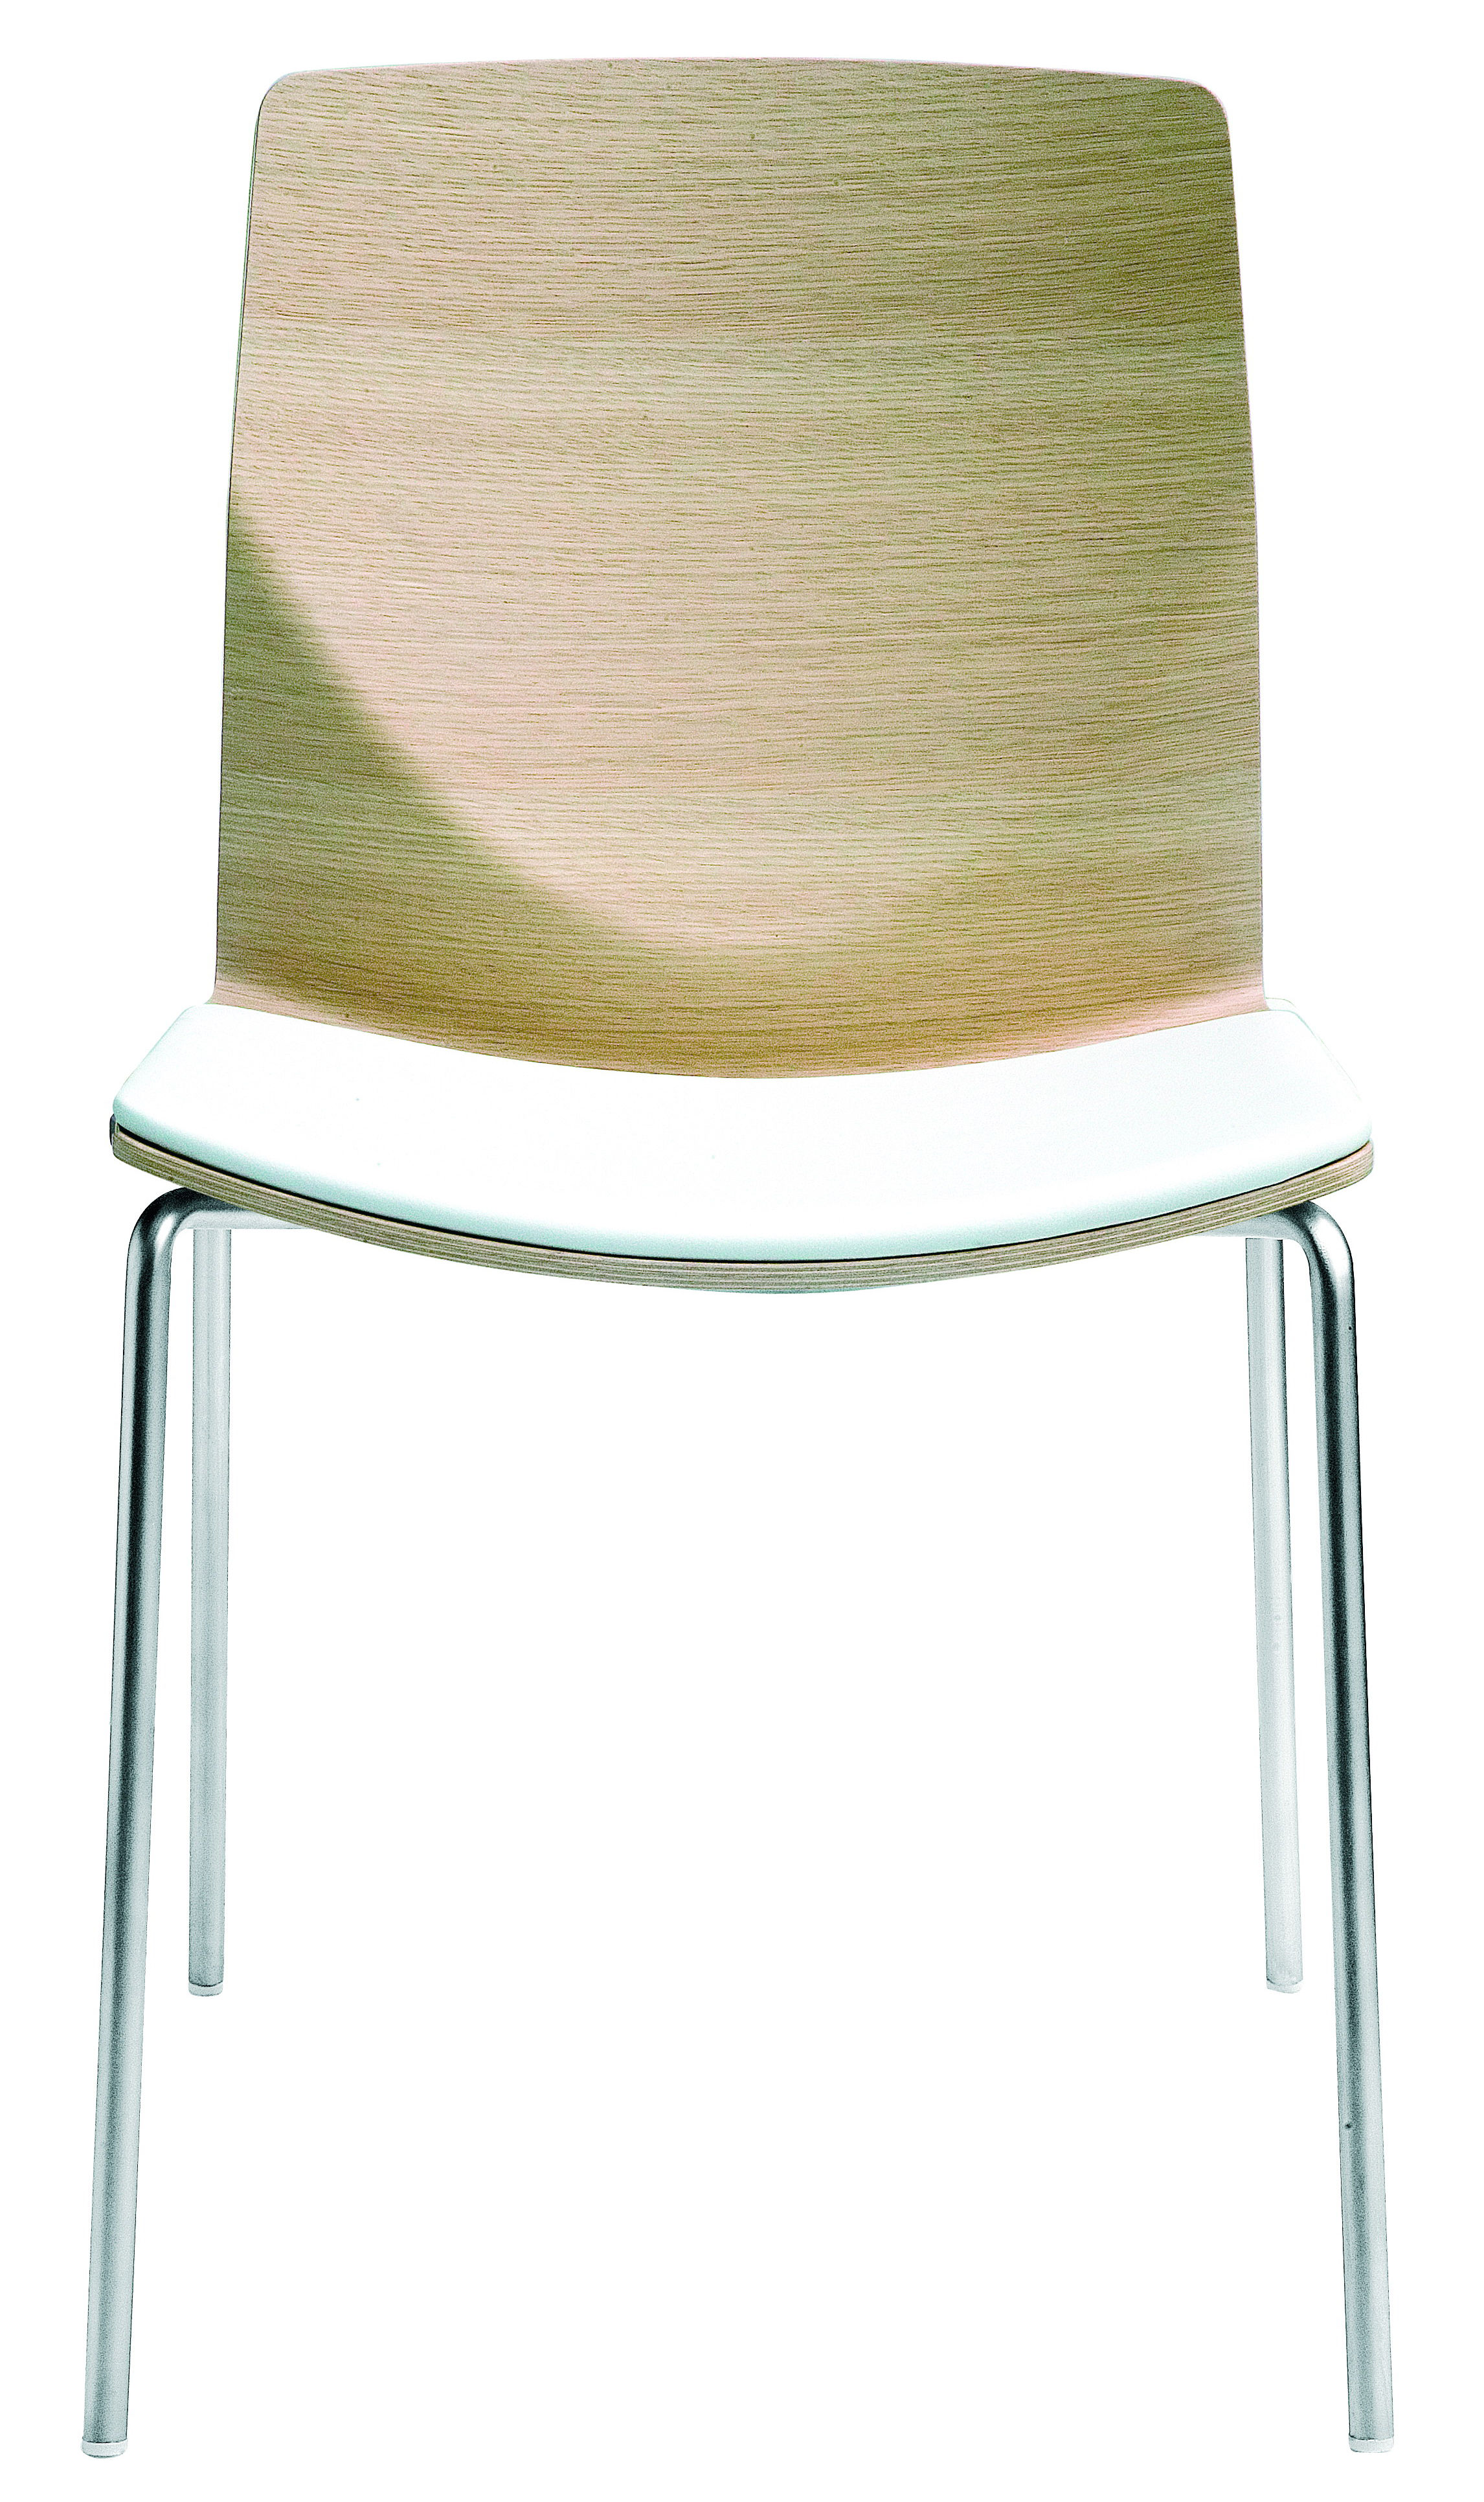 Möbel - Stühle  - Kai Stapelbarer Stuhl - Lapalma - Gebleichte Eiche - gebleichtes Eichensperrholz, mattierter Stahl